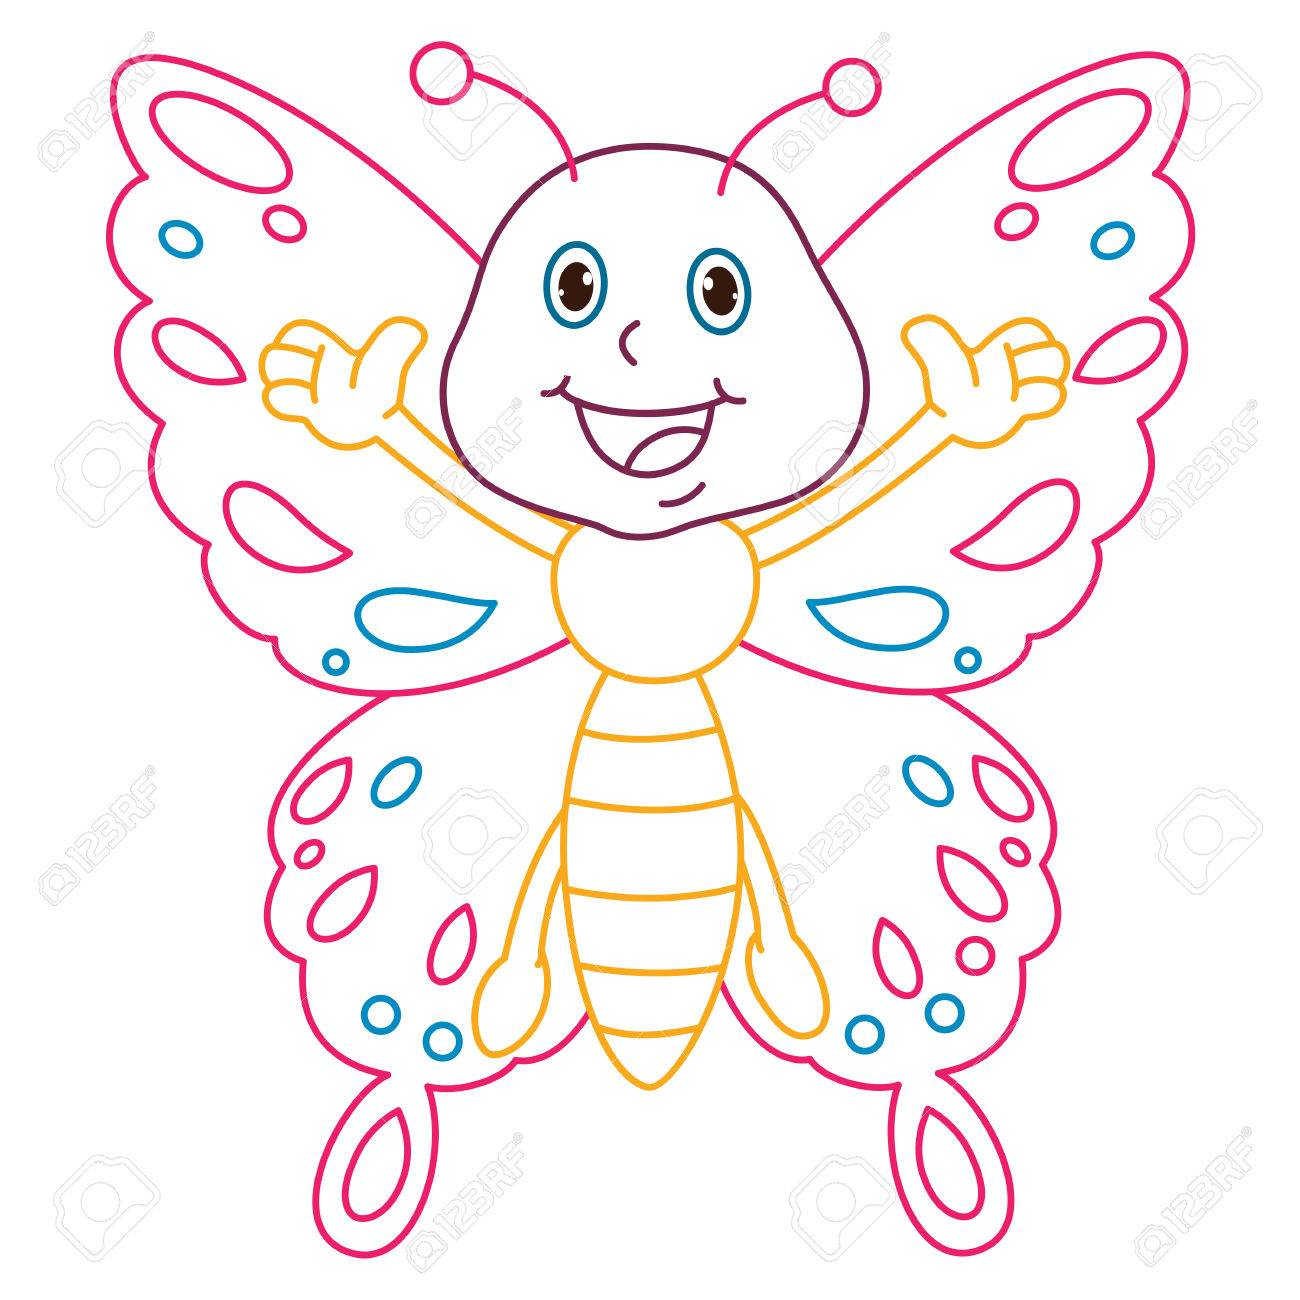 Página Para Colorear Ilustración De La Mariposa De Dibujos Animados